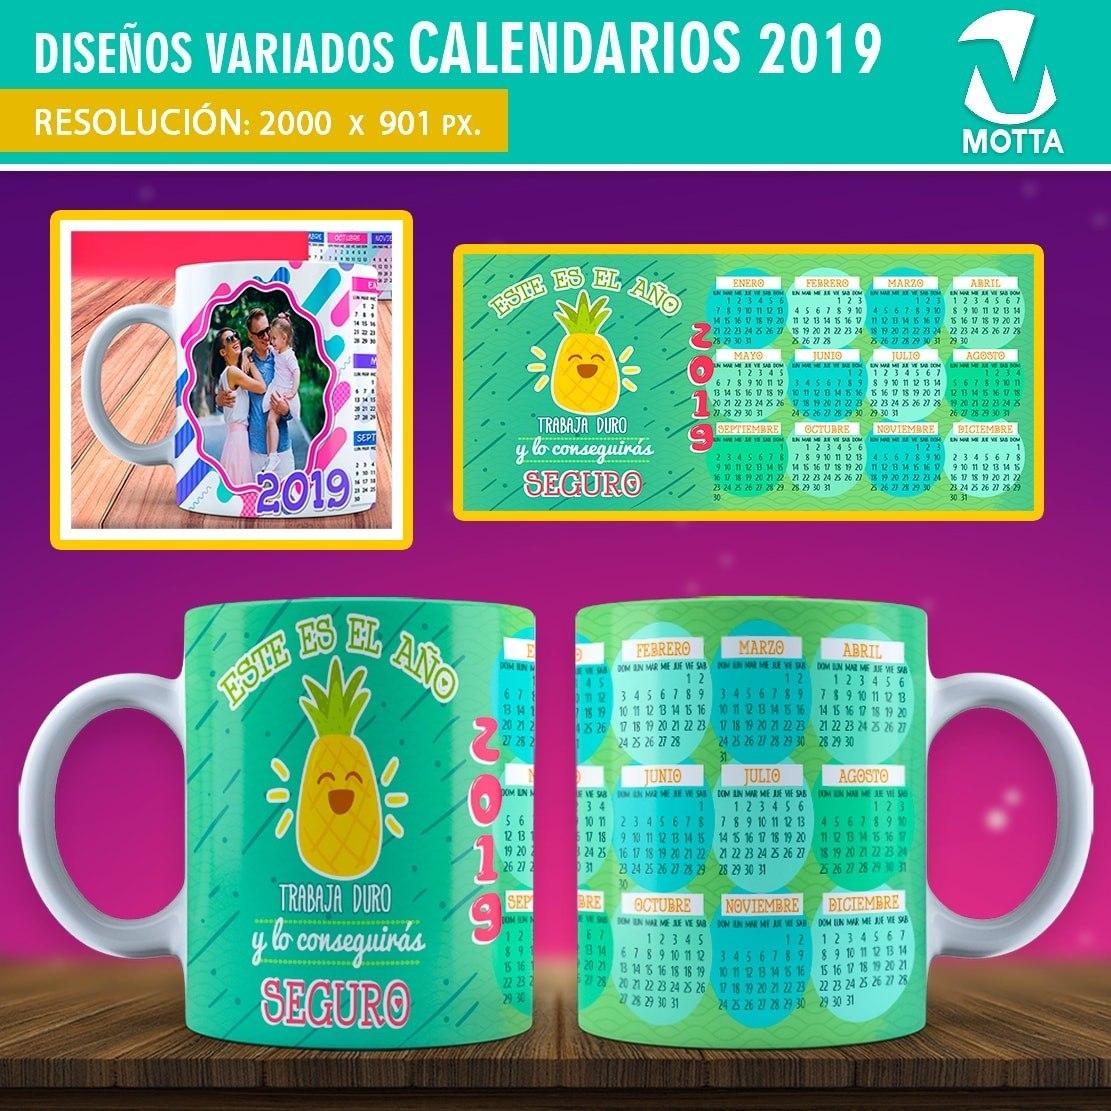 Calendario 2019 Plantillas Para Tazas Mug Sublimación Motta ...